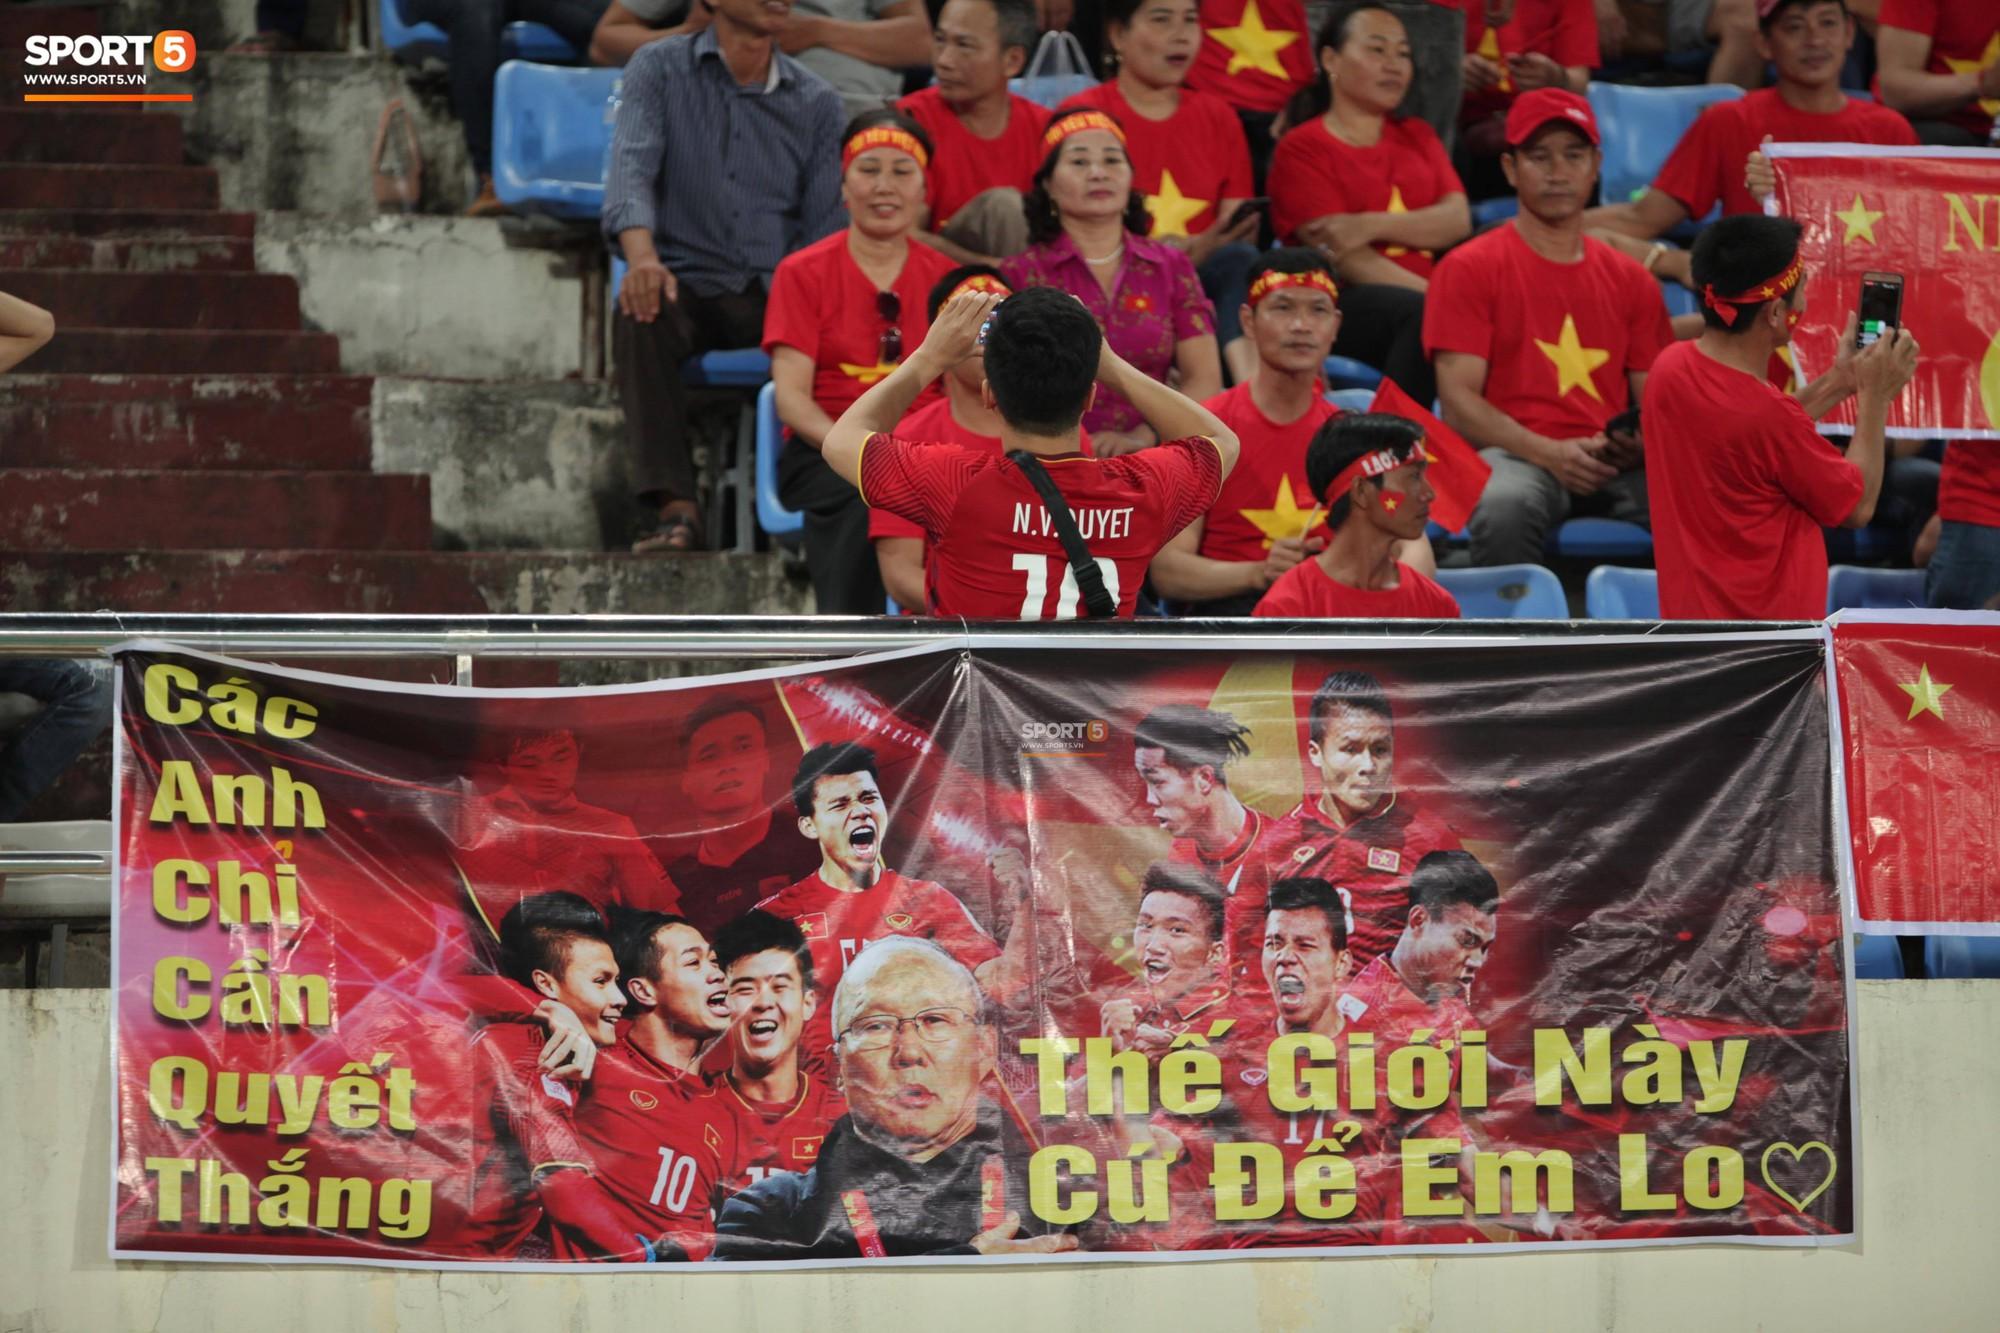 Đây mới là lý do khiến cầu thủ Lào chạnh lòng sau trận thua 0-3 trước Việt Nam ở AFF Cup 2018 - Ảnh 6.